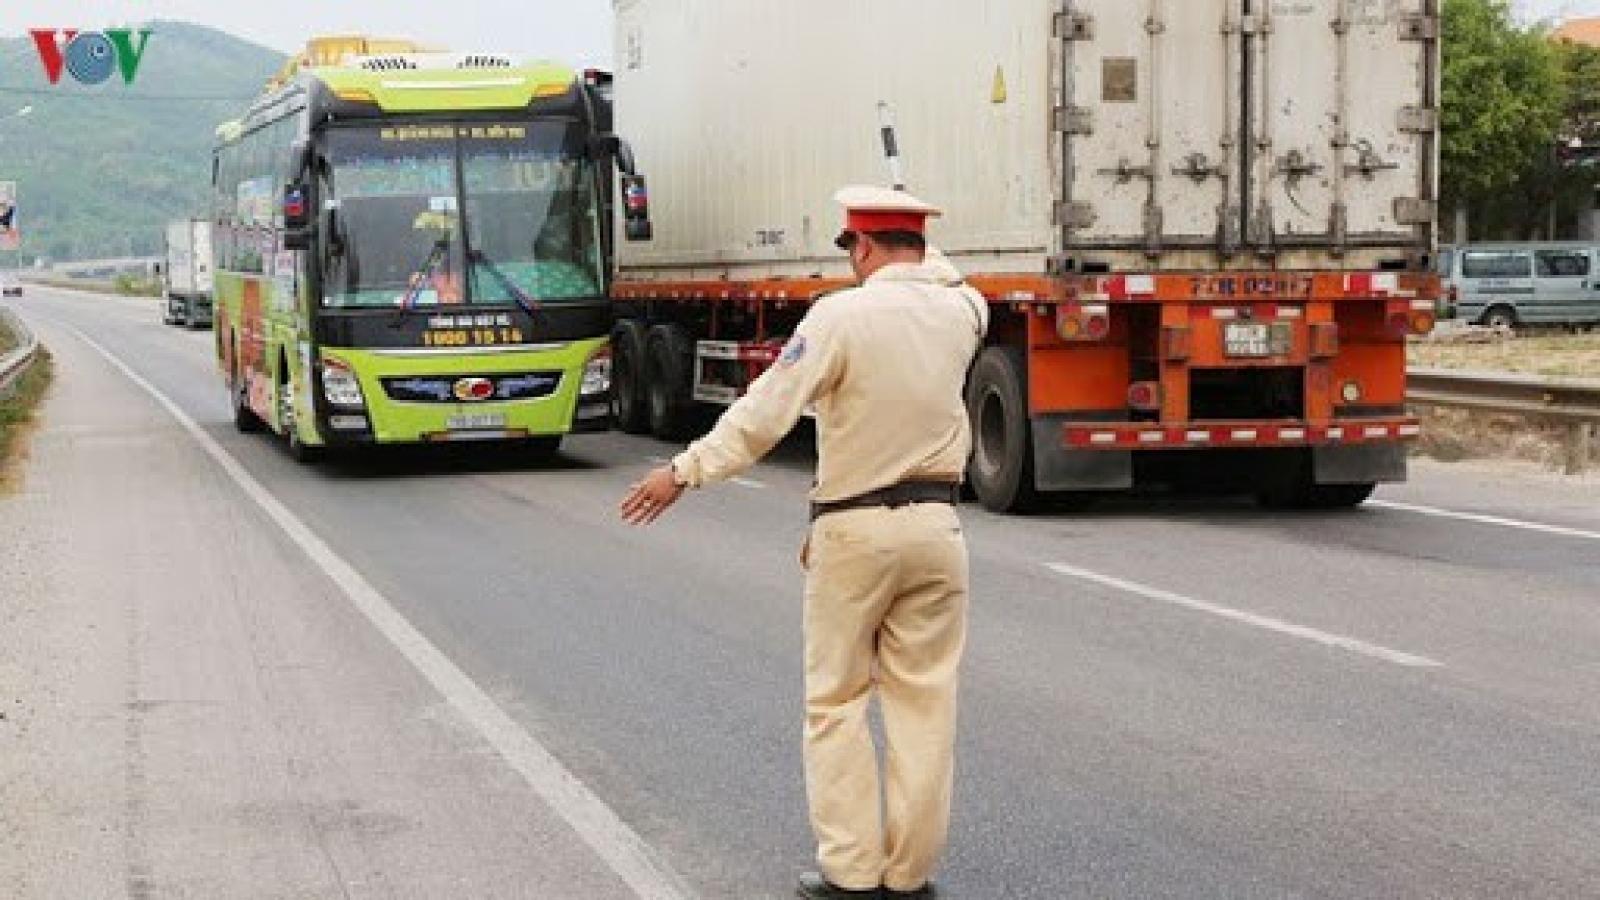 Công bố 13 số điện thoại nóng phản ánh vận tải, an toàn giao thông dịp 30/4 